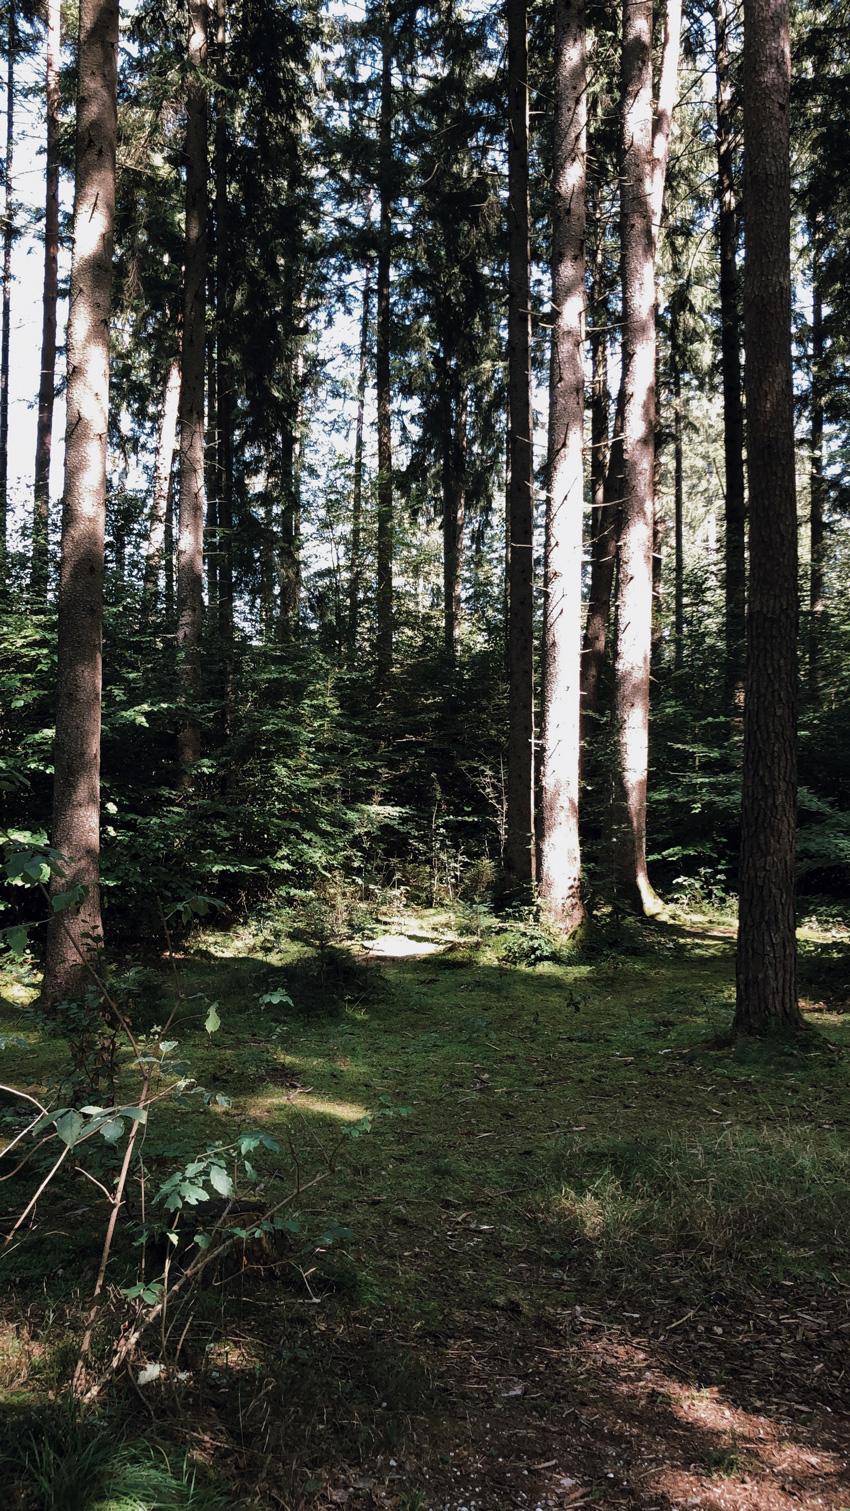 8 Walderlebniszentrum gruenwald Wald Familienausflug Muenchen - MUNICH | Walderlebniszentrum Grünwald